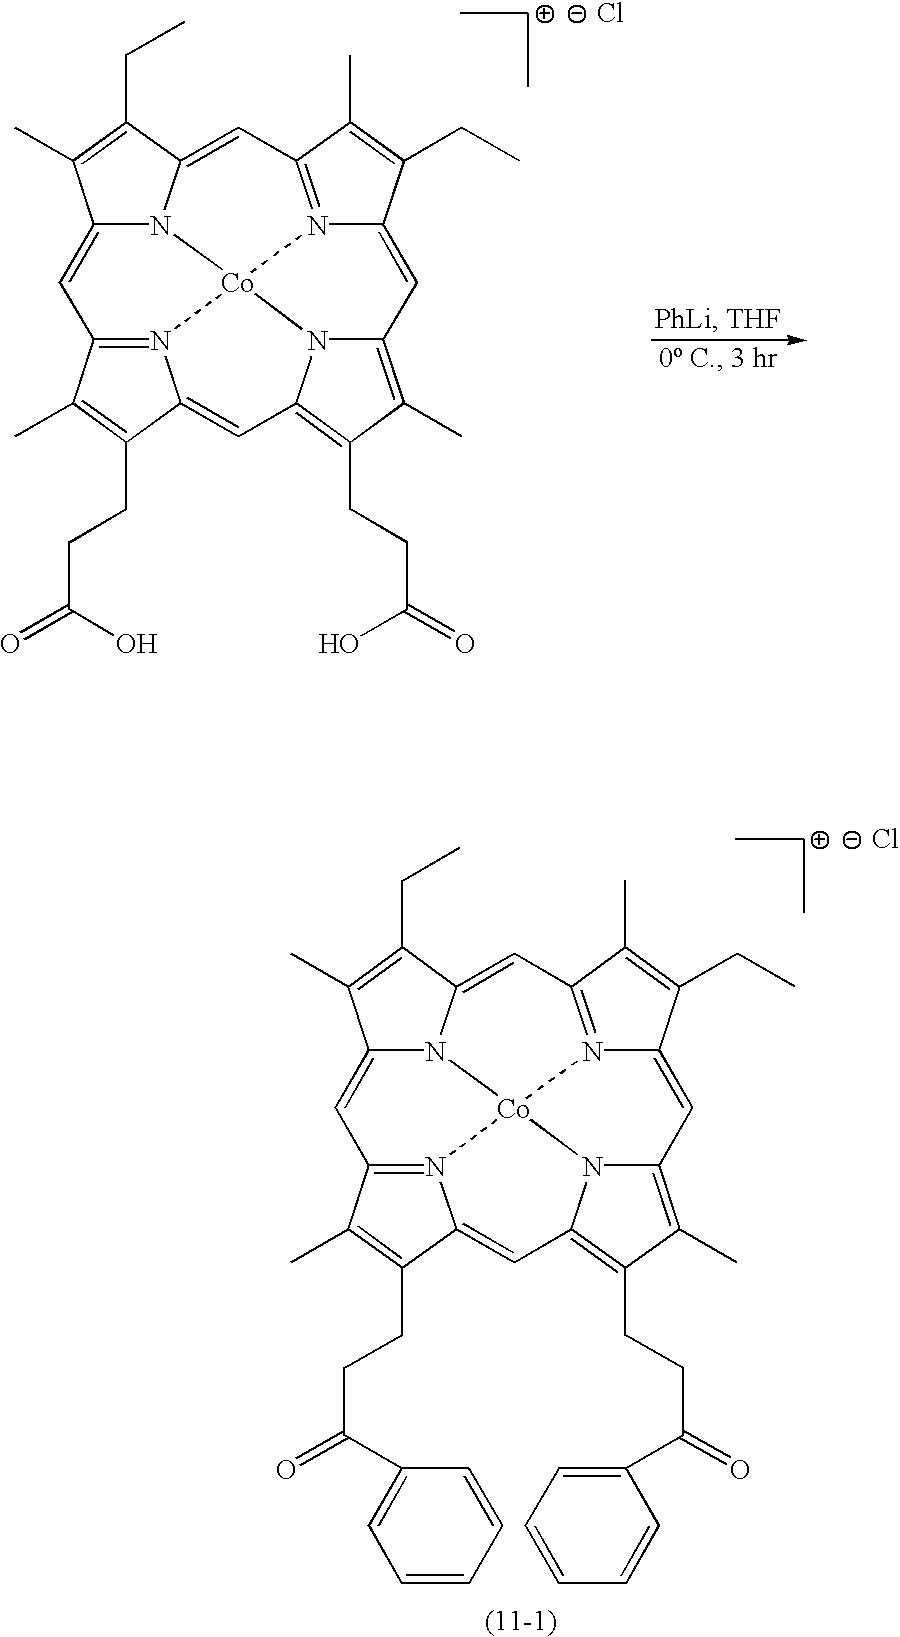 Figure US20020165216A1-20021107-C00022